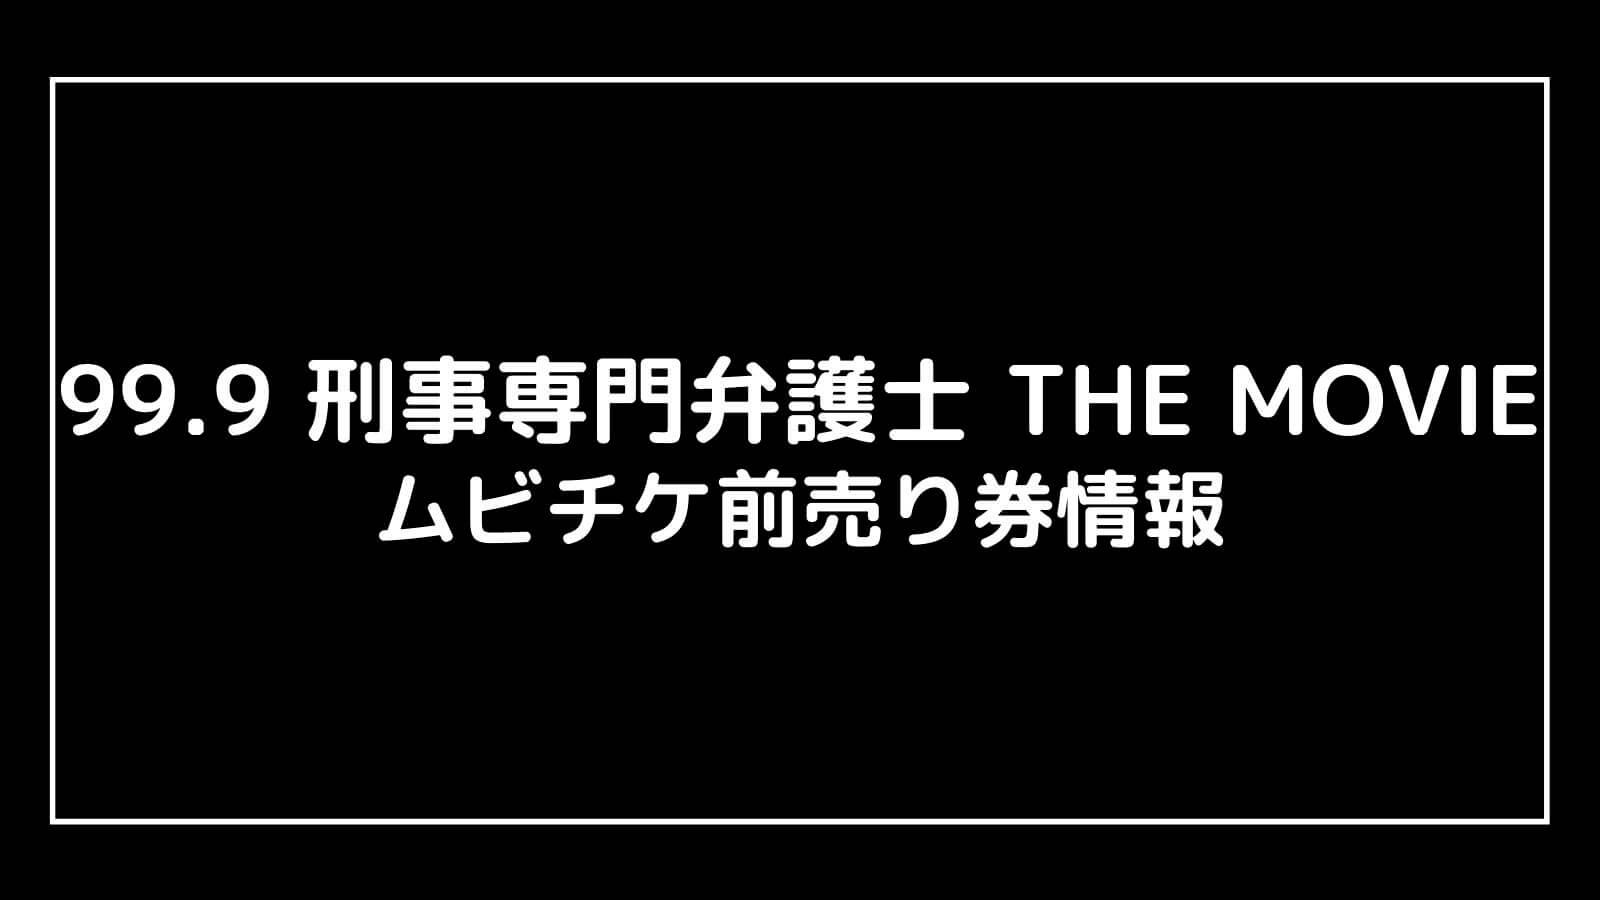 『99.9 刑事専門弁護士 THE MOVIE』特典付きムビチケ前売り券の情報まとめ